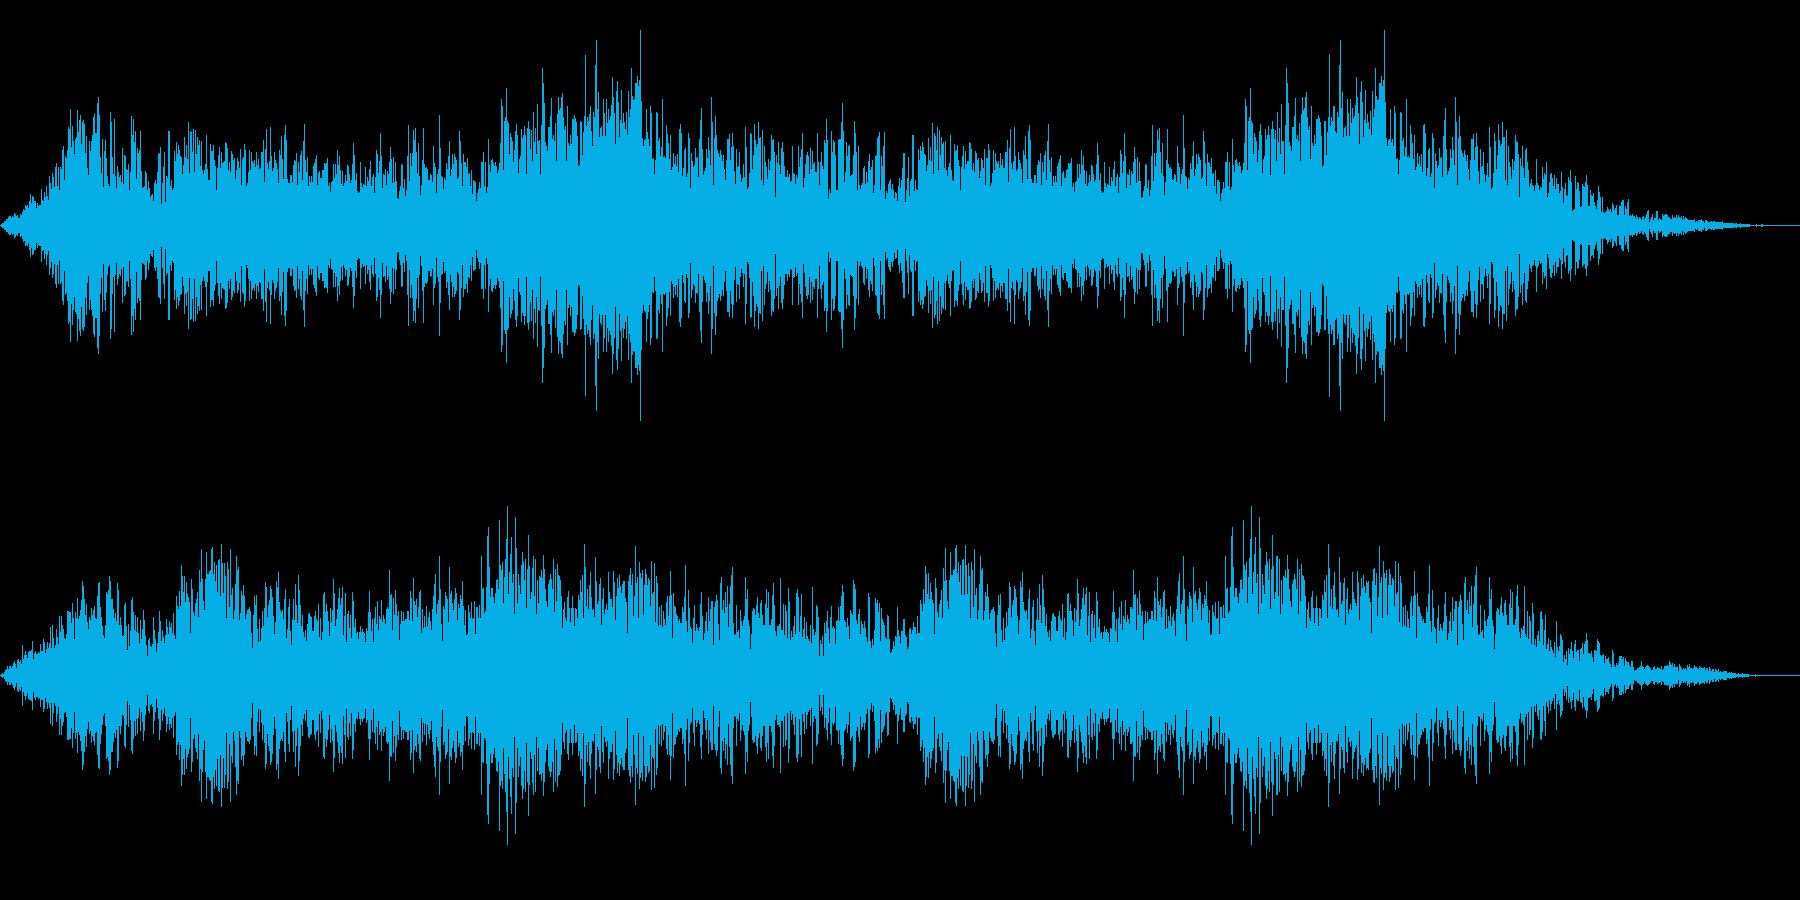 ホラー映画に出てきそうなノイズ系音源10の再生済みの波形